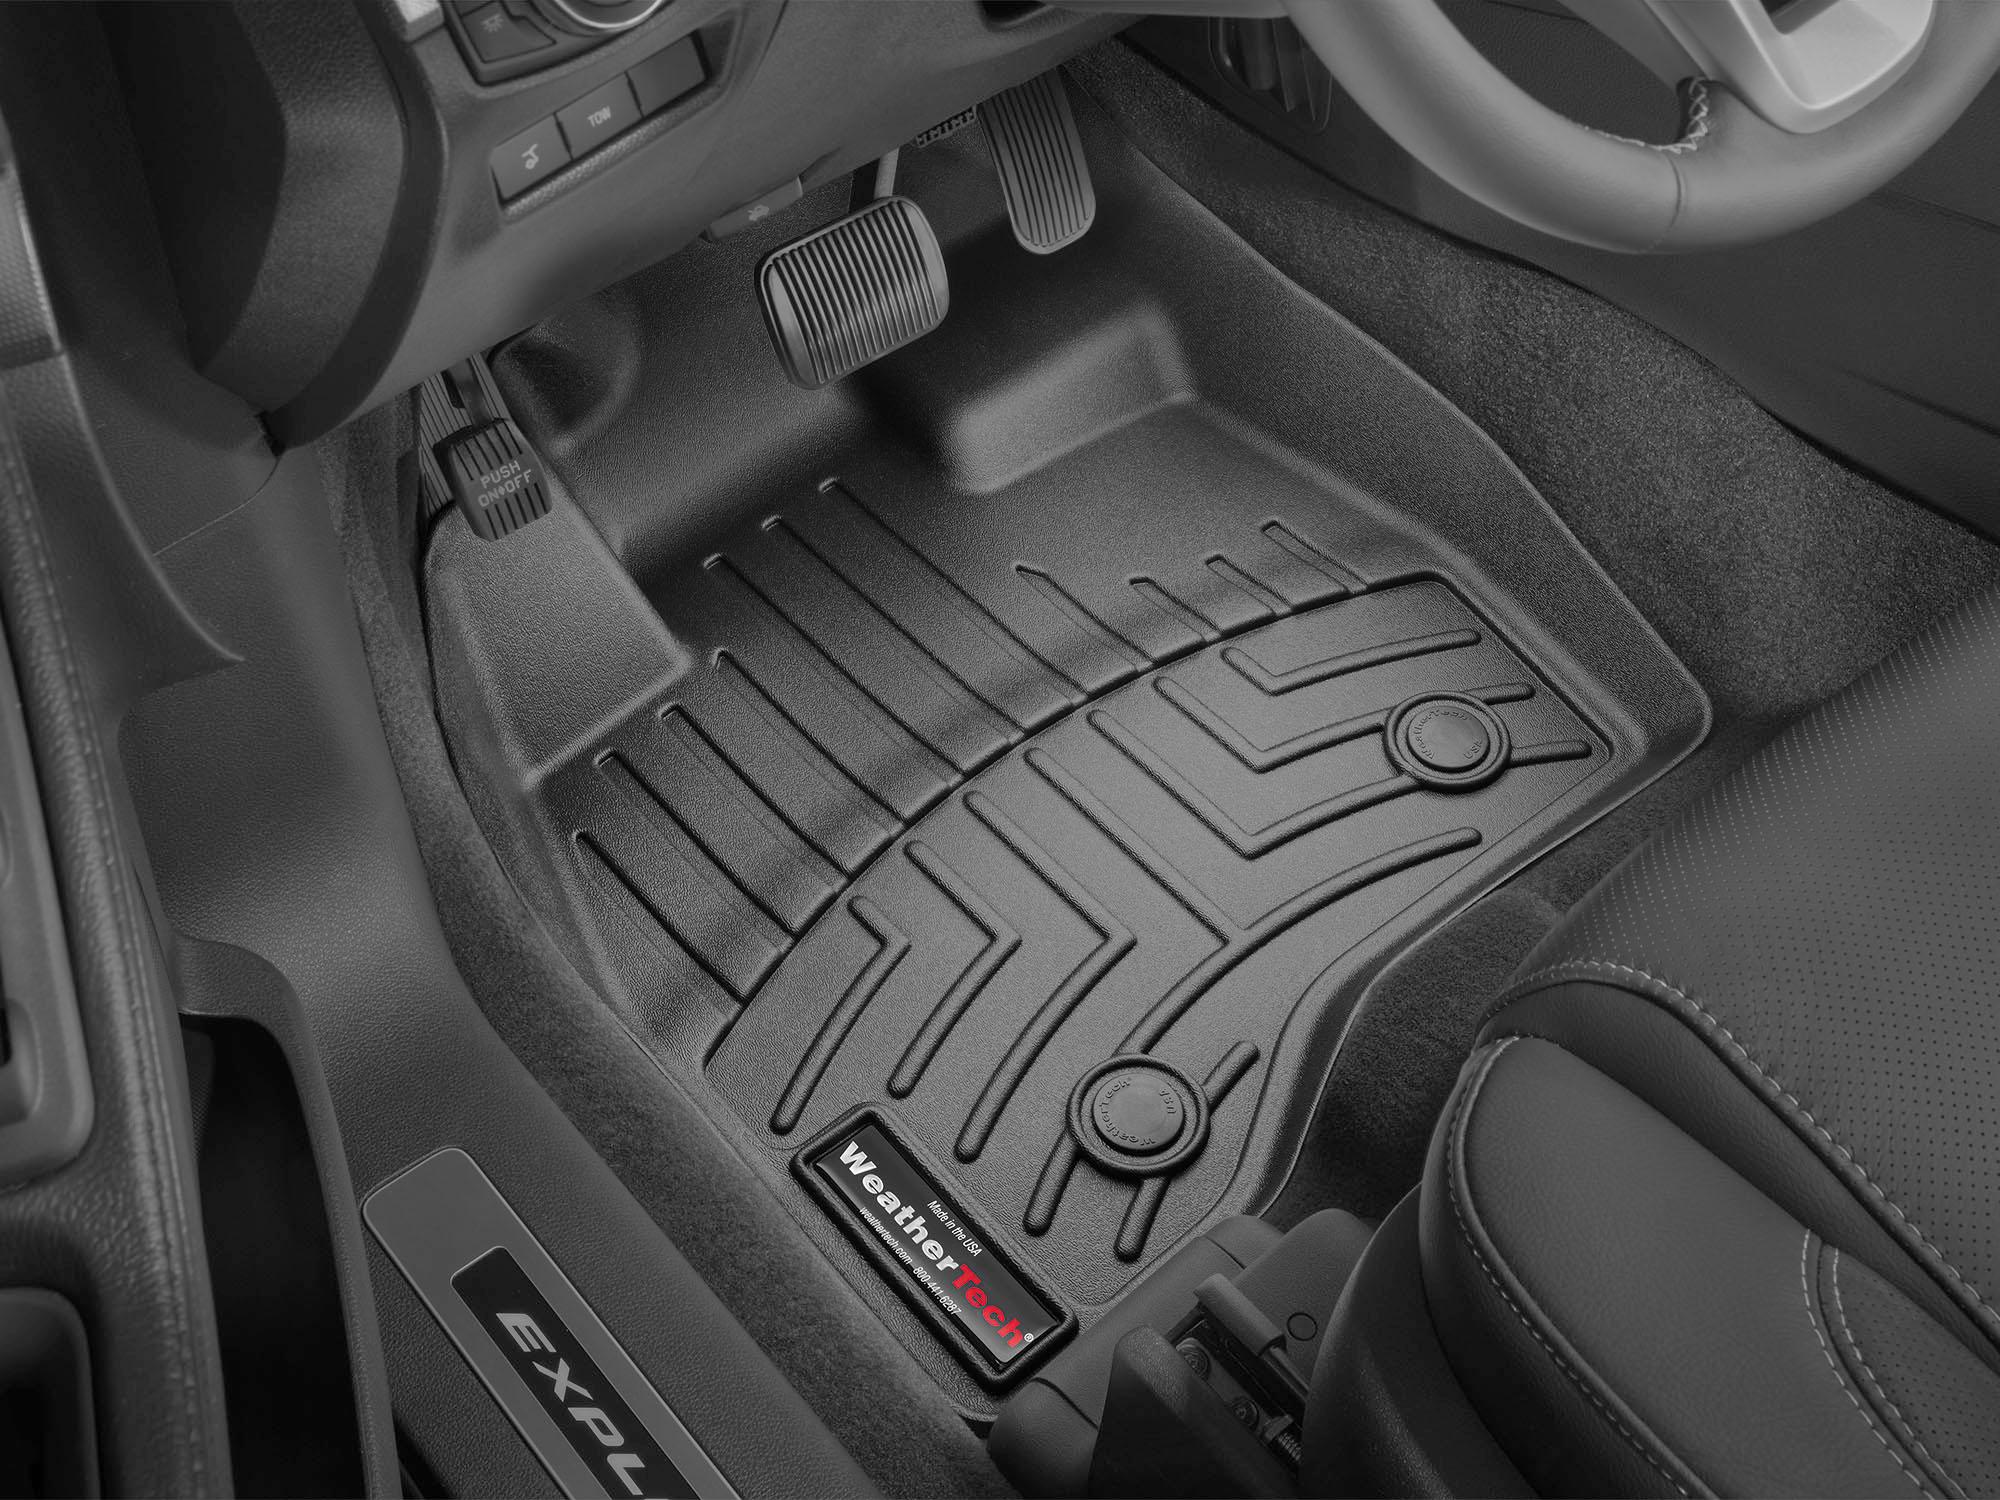 2015 Ford Explorer | AVM HD Floor Mats - Heavy Duty Flexible Trim to Fit  Mats | WeatherTech